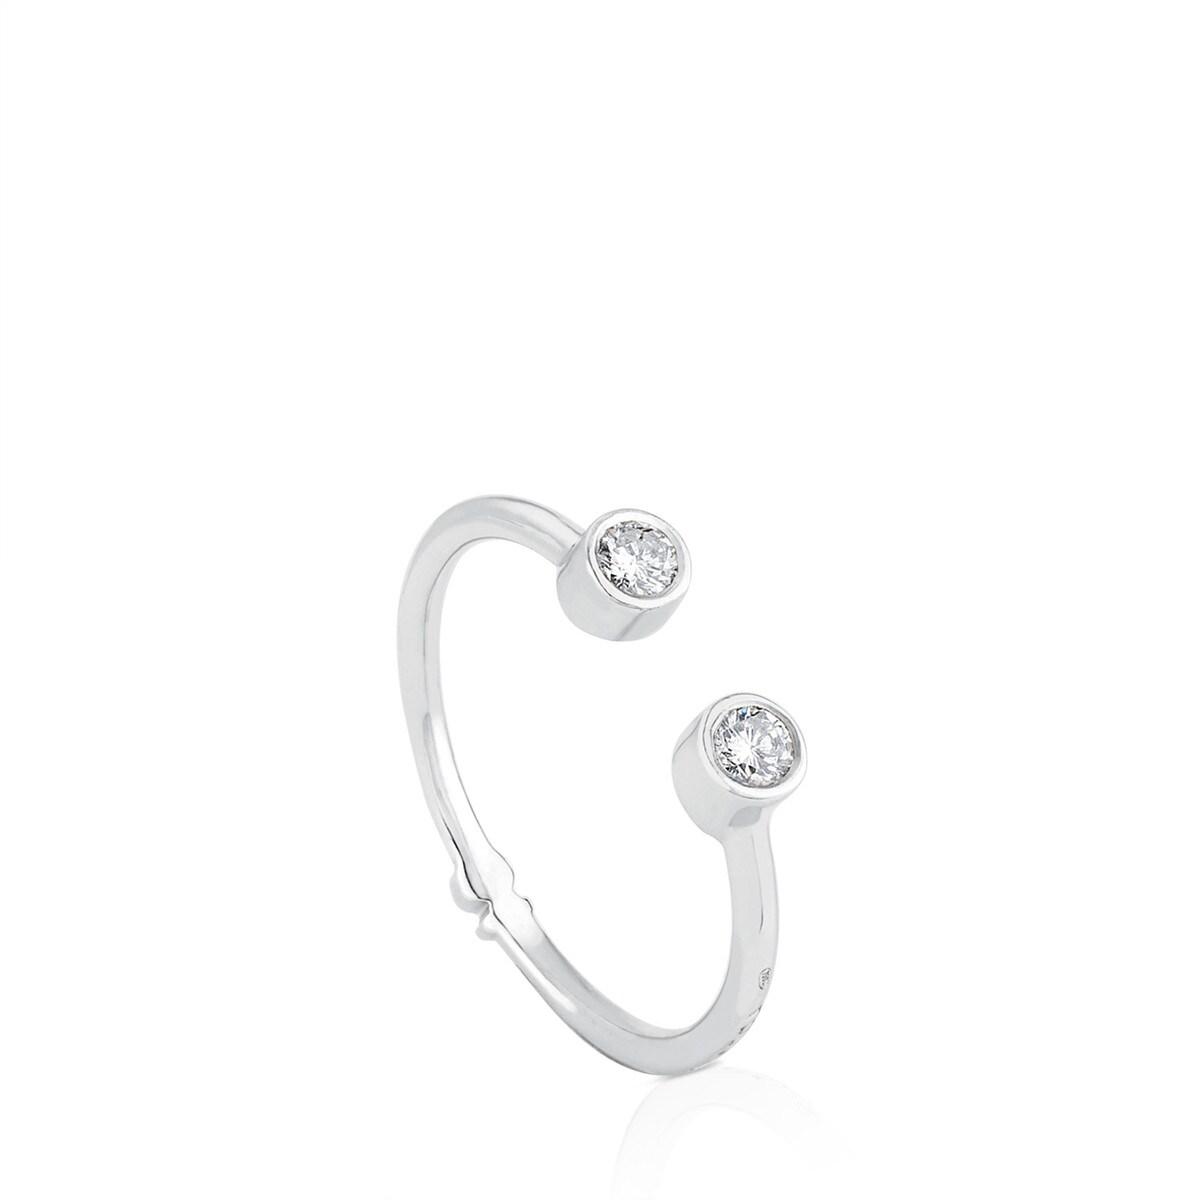 f7cb888c6d83 Anillo TOUS Diamonds de Oro blanco con Diamantes - Sitio web Tous España